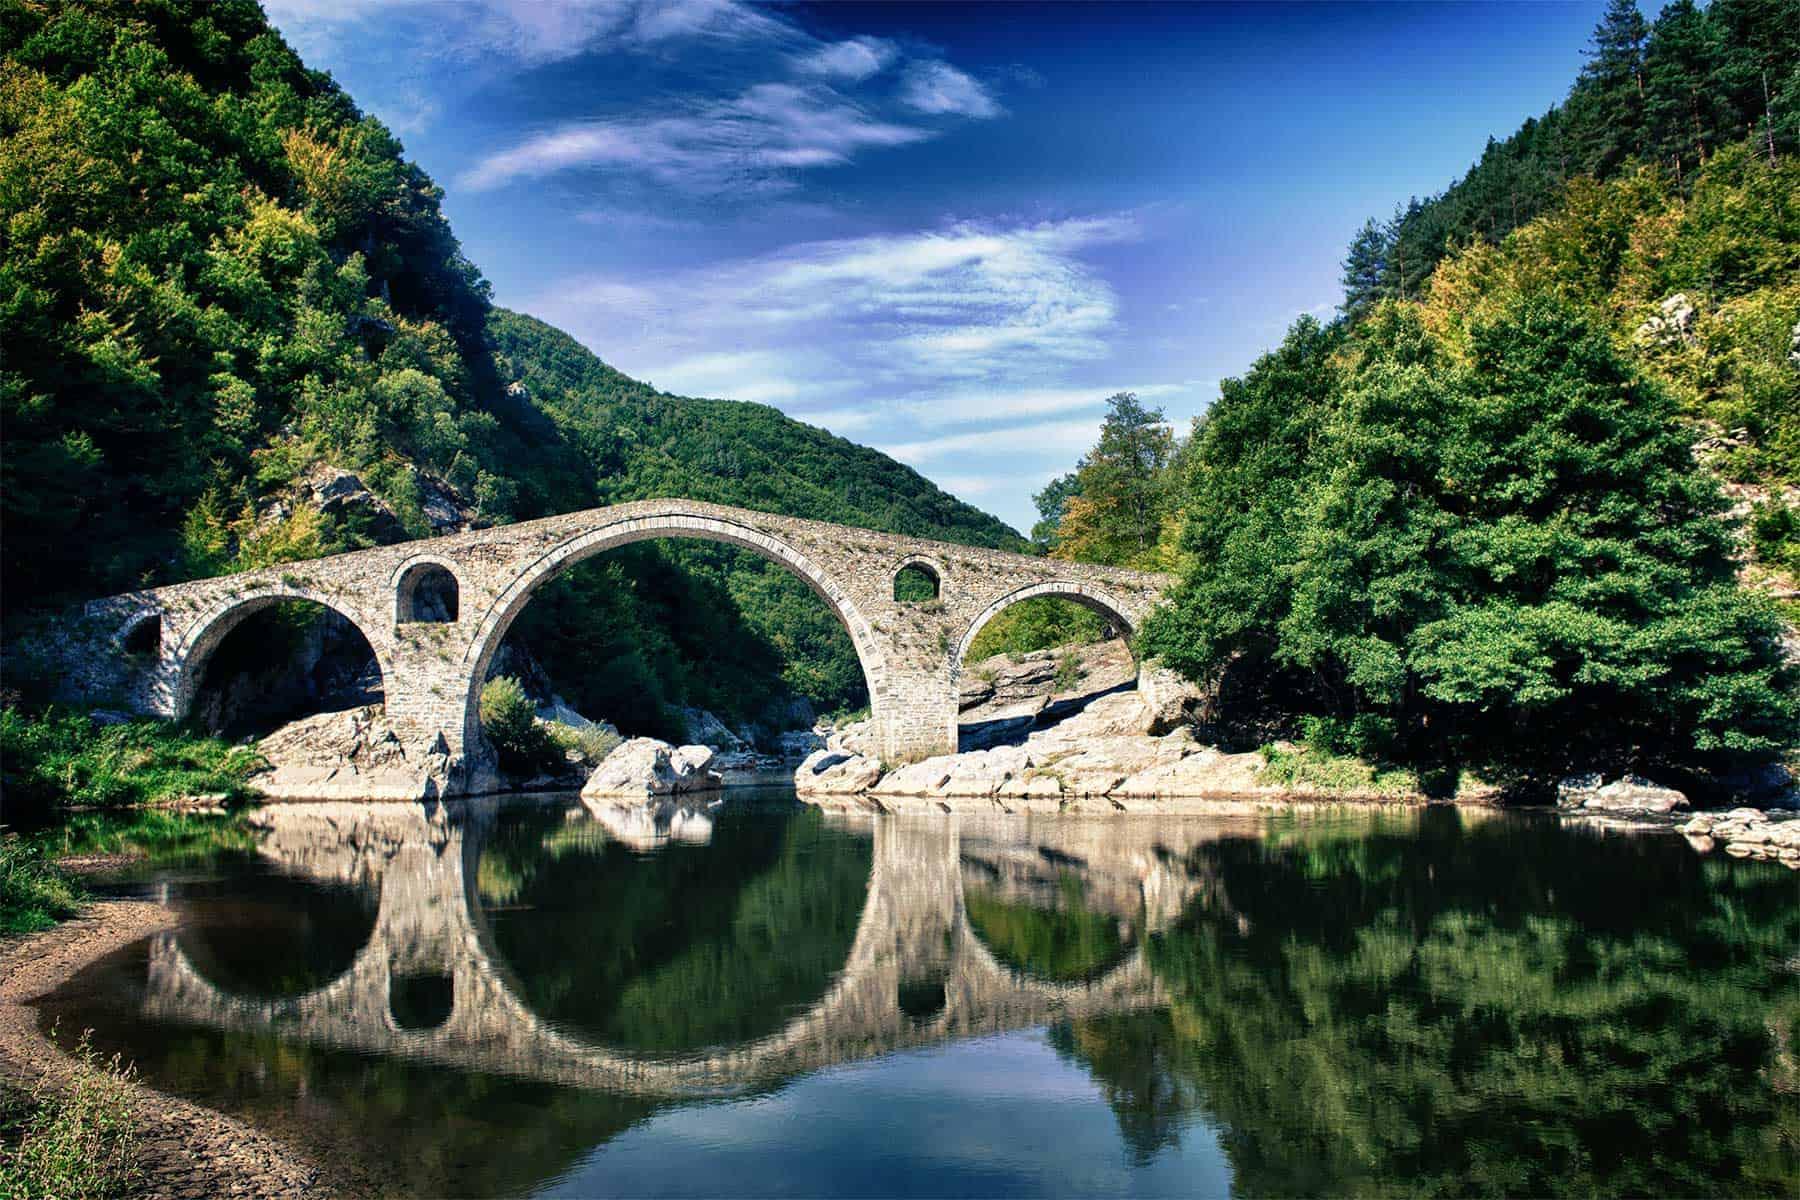 The Devil's Bridge in Ardino - Bulgaria